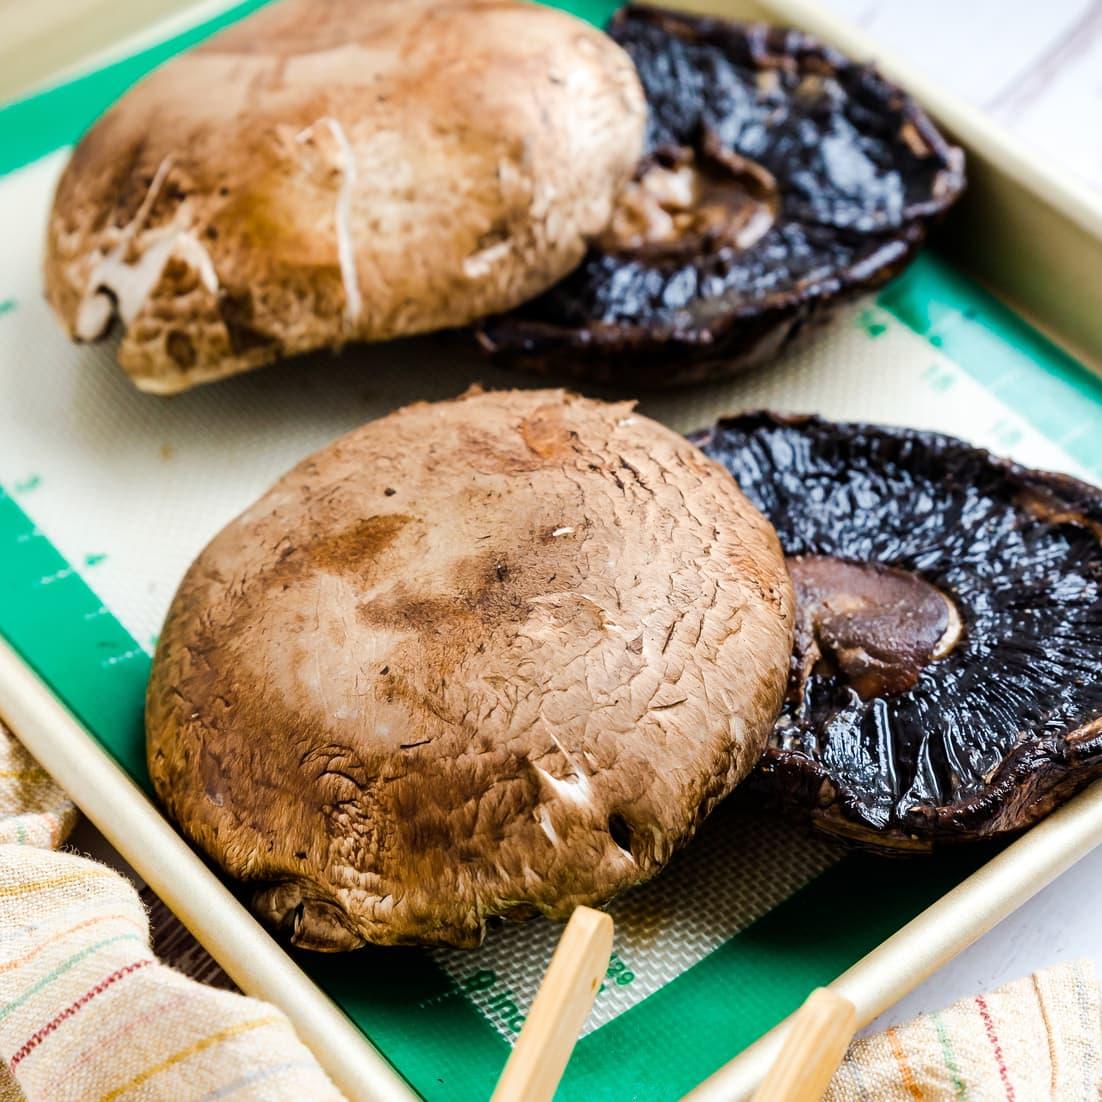 Portobello Mushrooms on a oven tray ready for baking